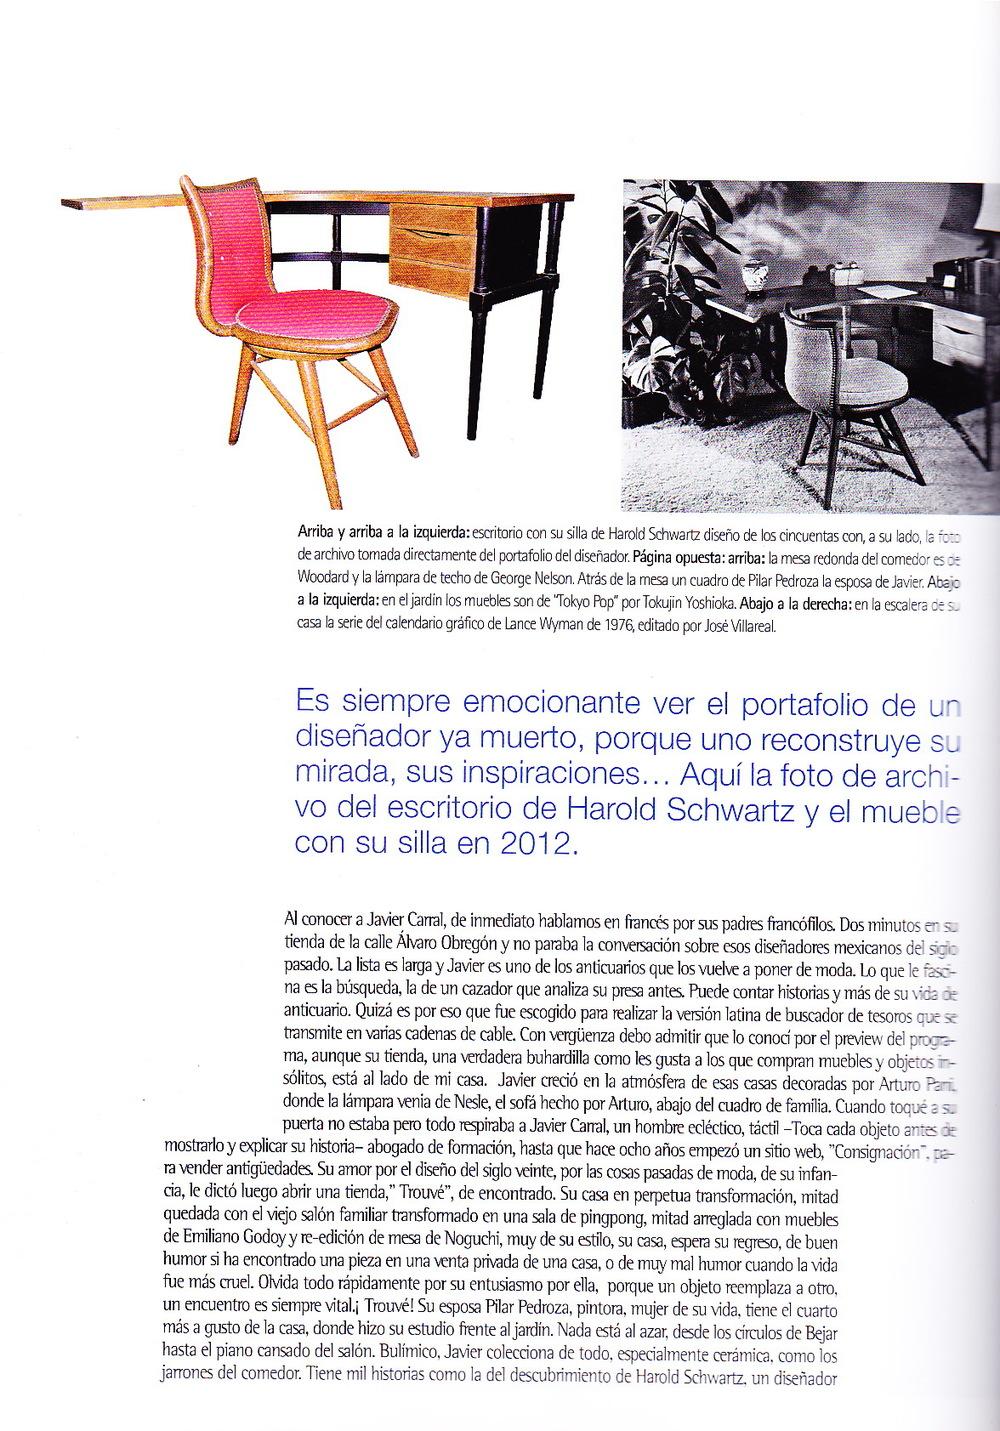 CASAS Y GENTE_0002.jpg